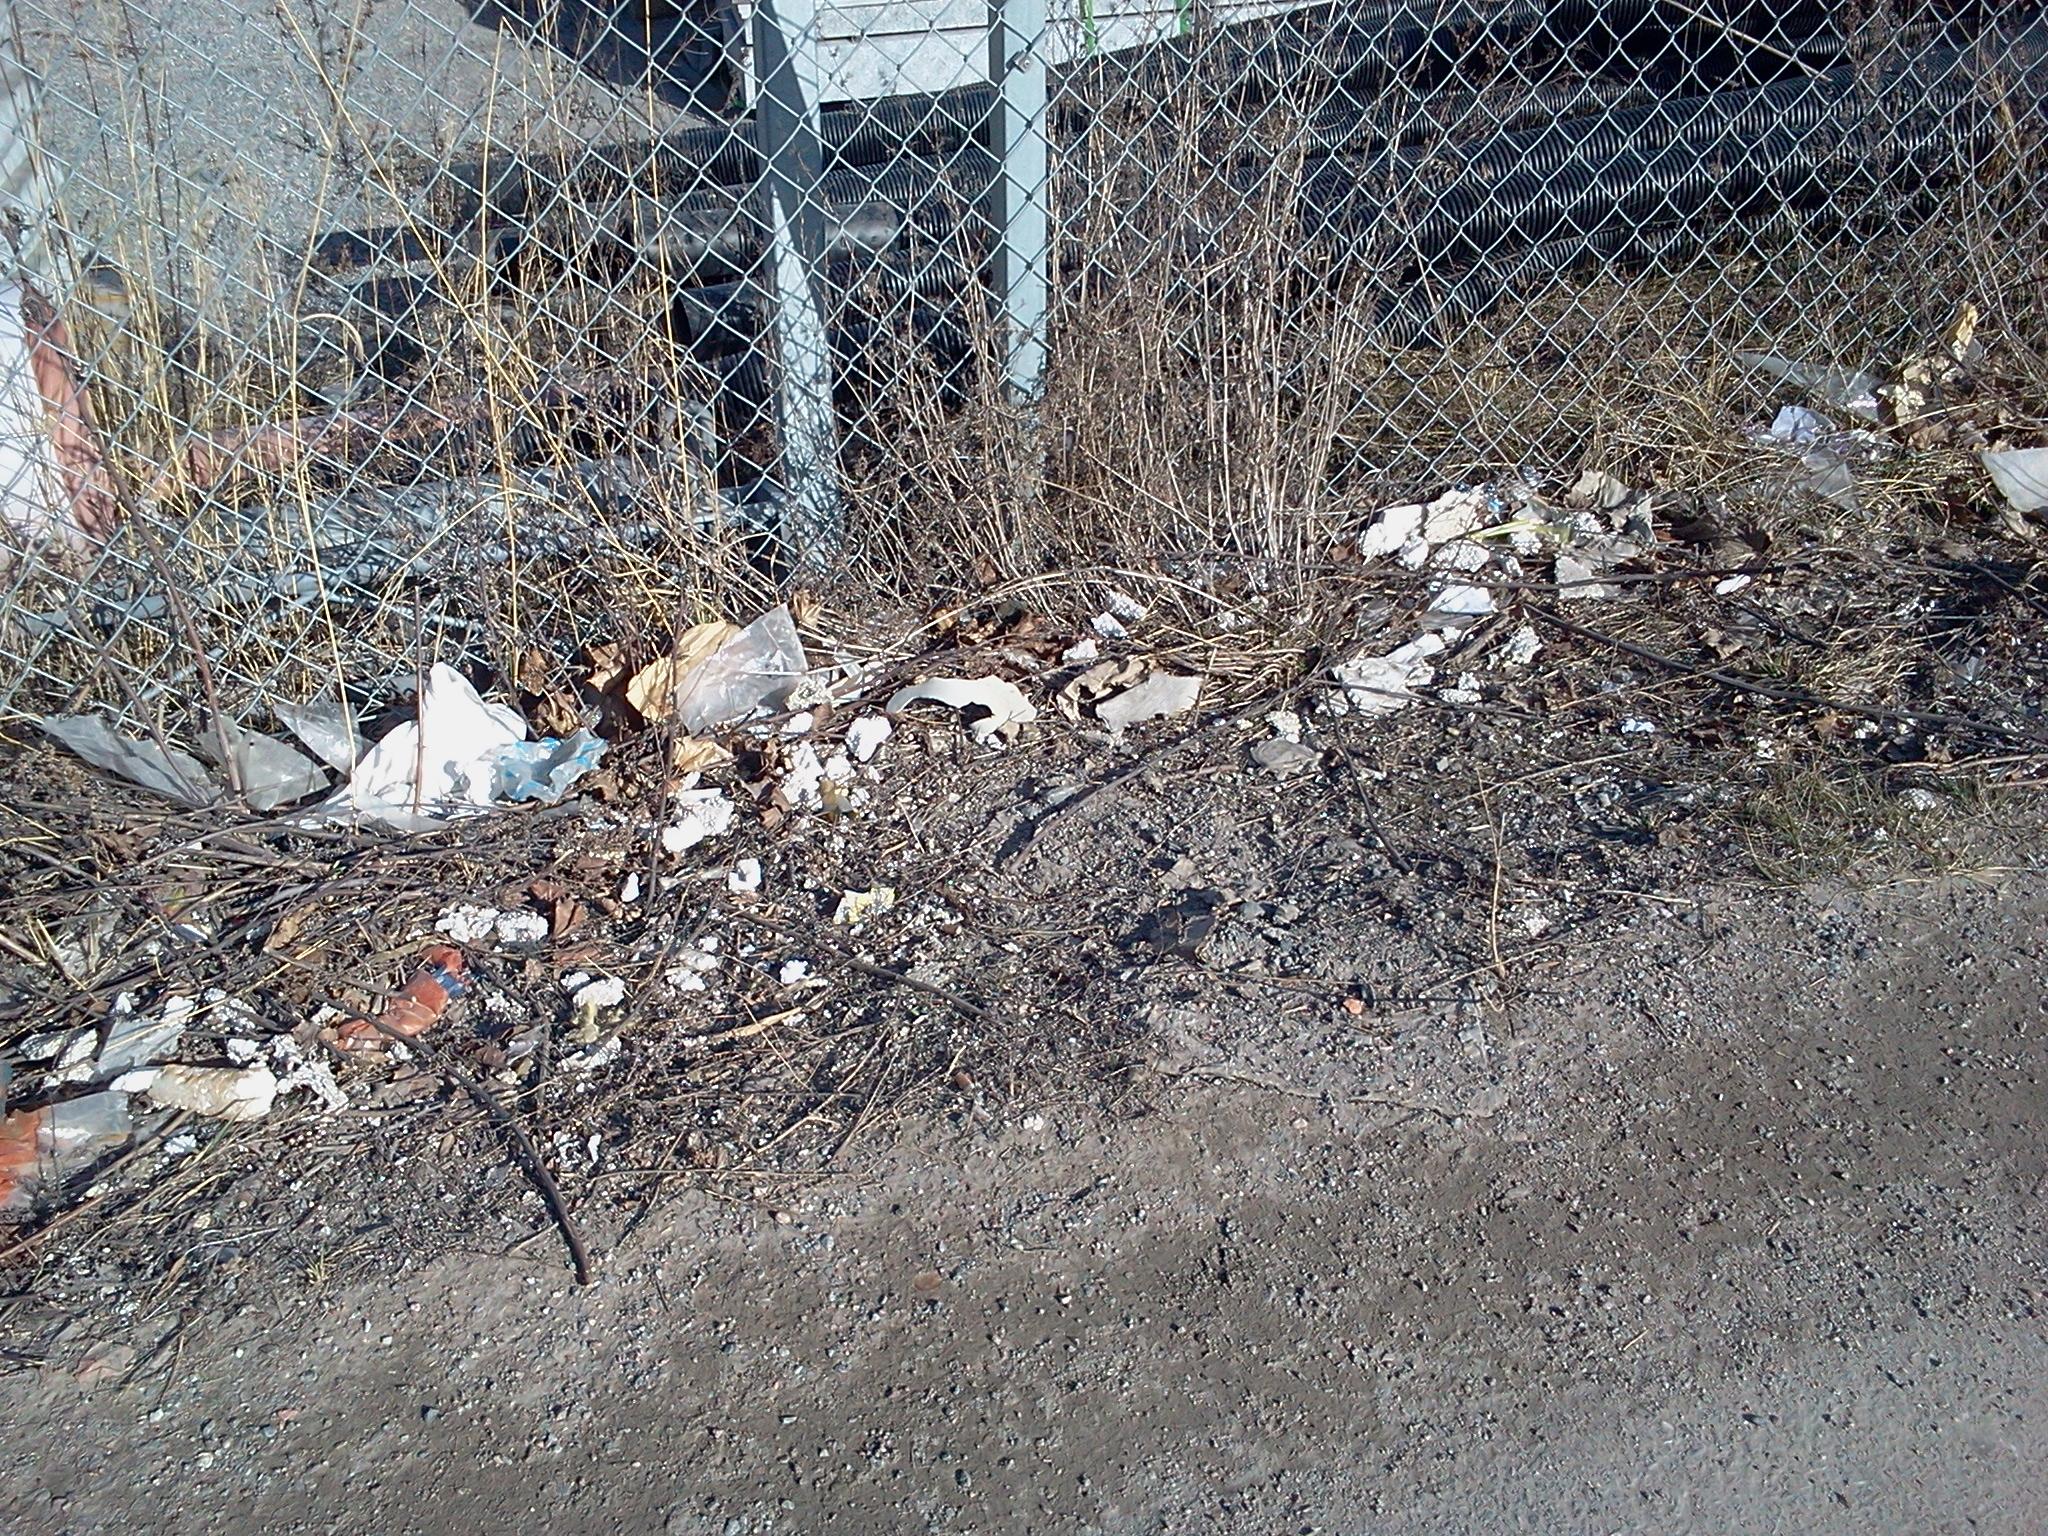 Övergivna grönytor och avfall i början av Kanalvägen vid ingången till Henriksdalshamnen